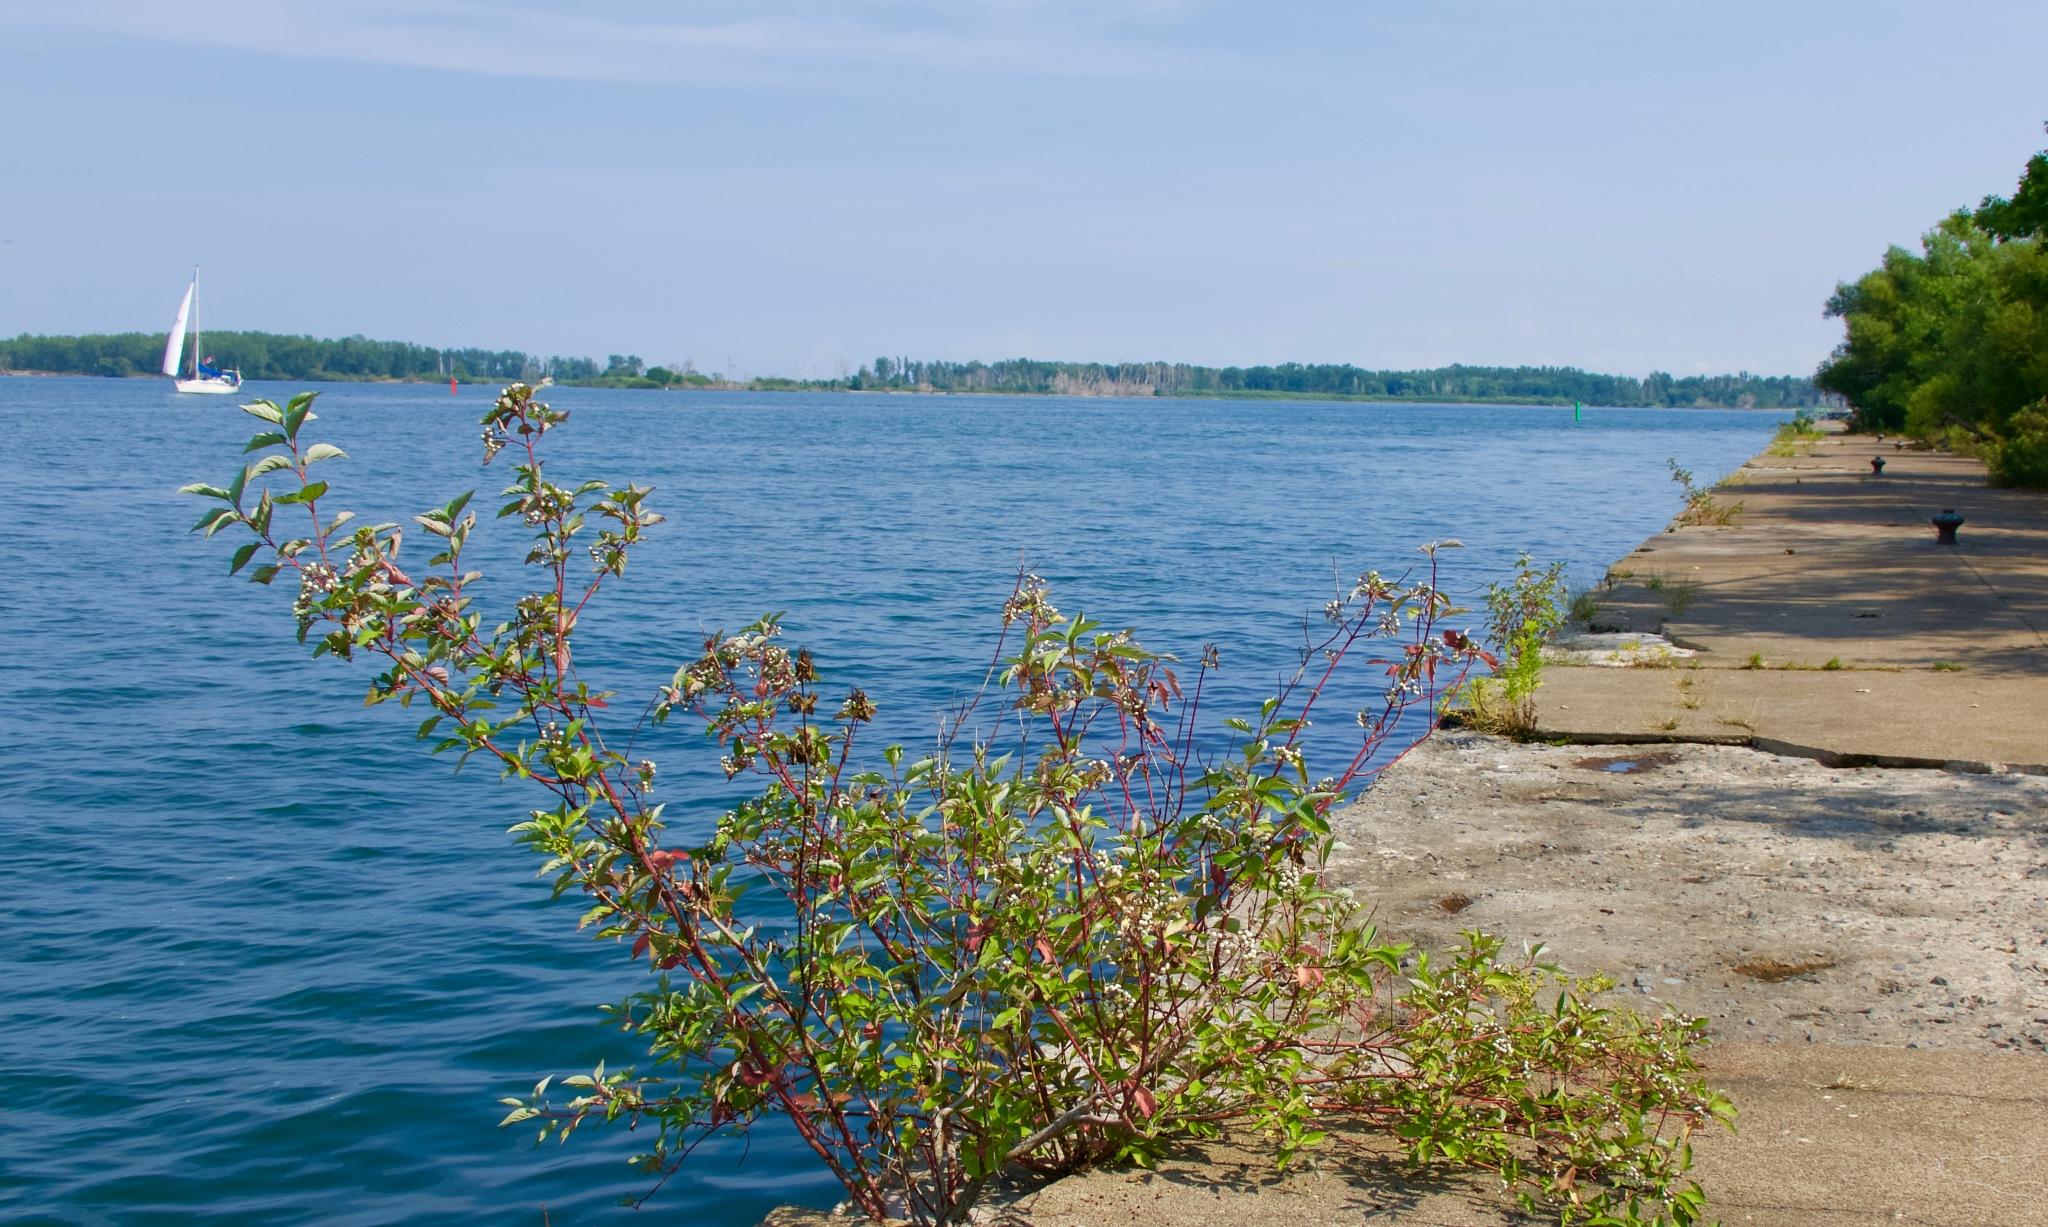 Ward's Island and Leslie Str Spit in the distance by Karen Bekker